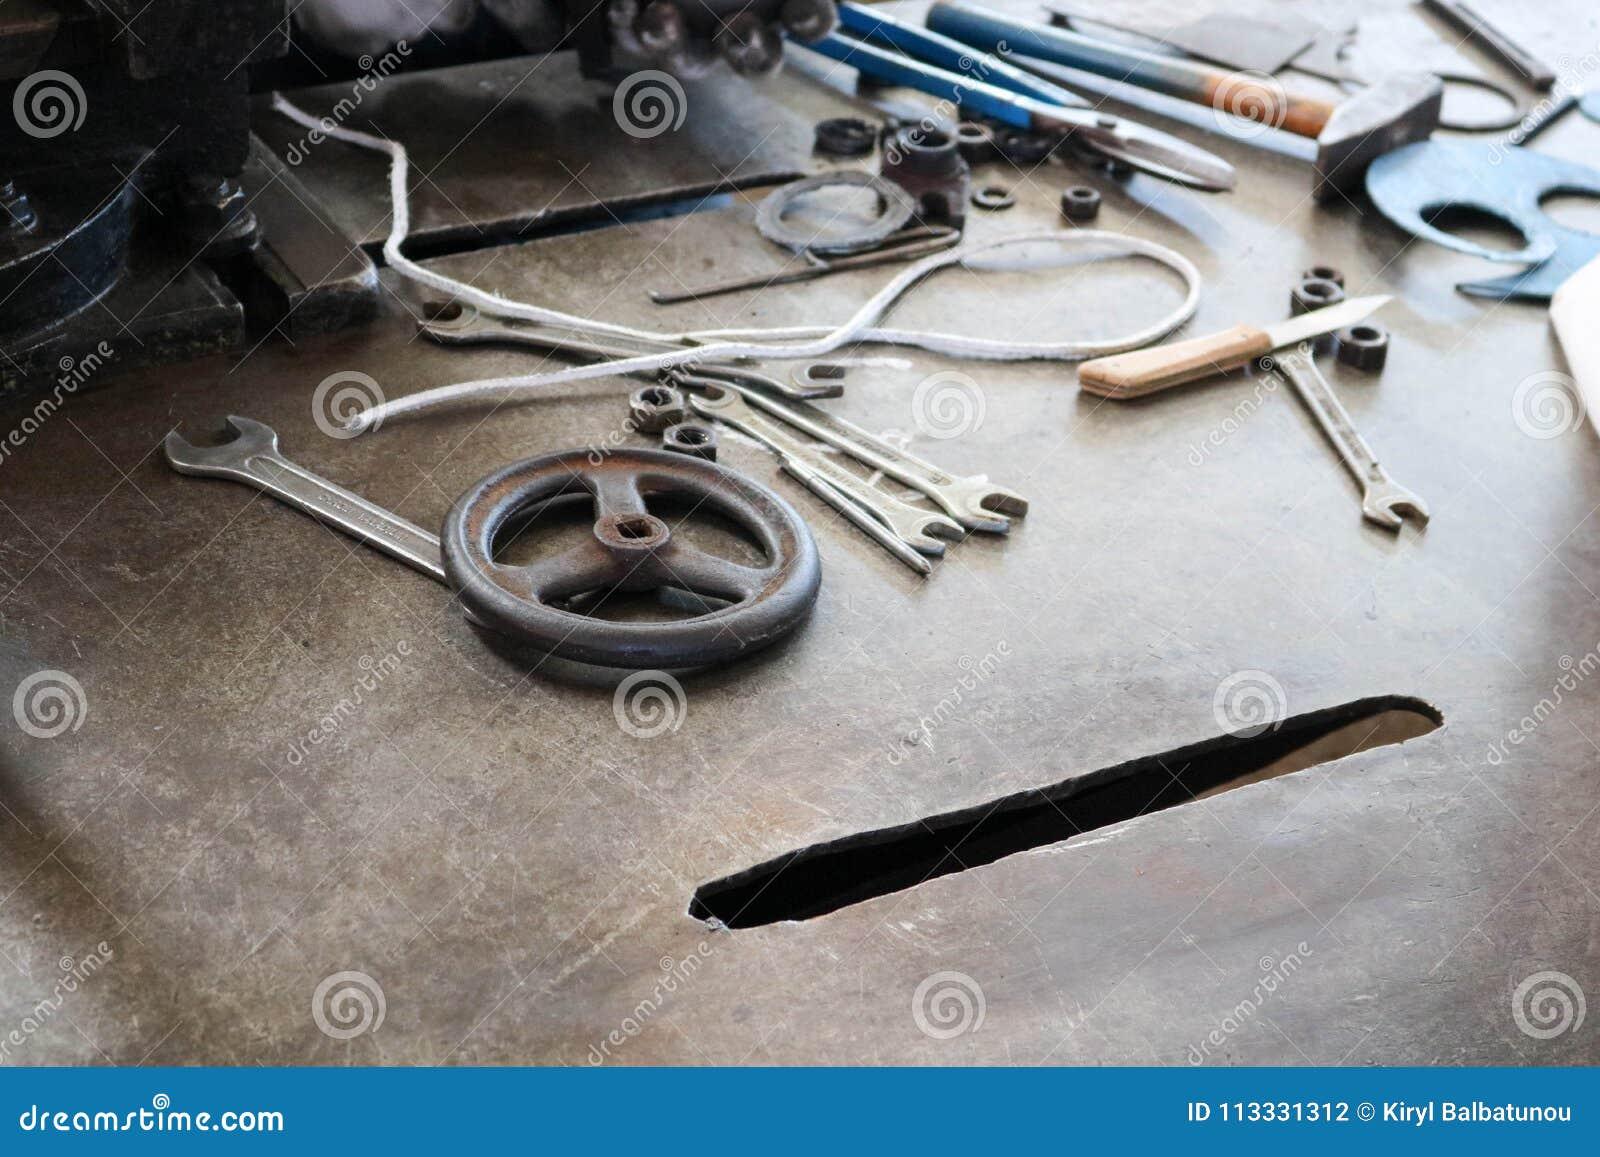 Una tavola del ferro con uno strumento del lavoro in metallo, chiavi, martelli, cacciaviti, pinze, coltelli, valvole nella fabbri